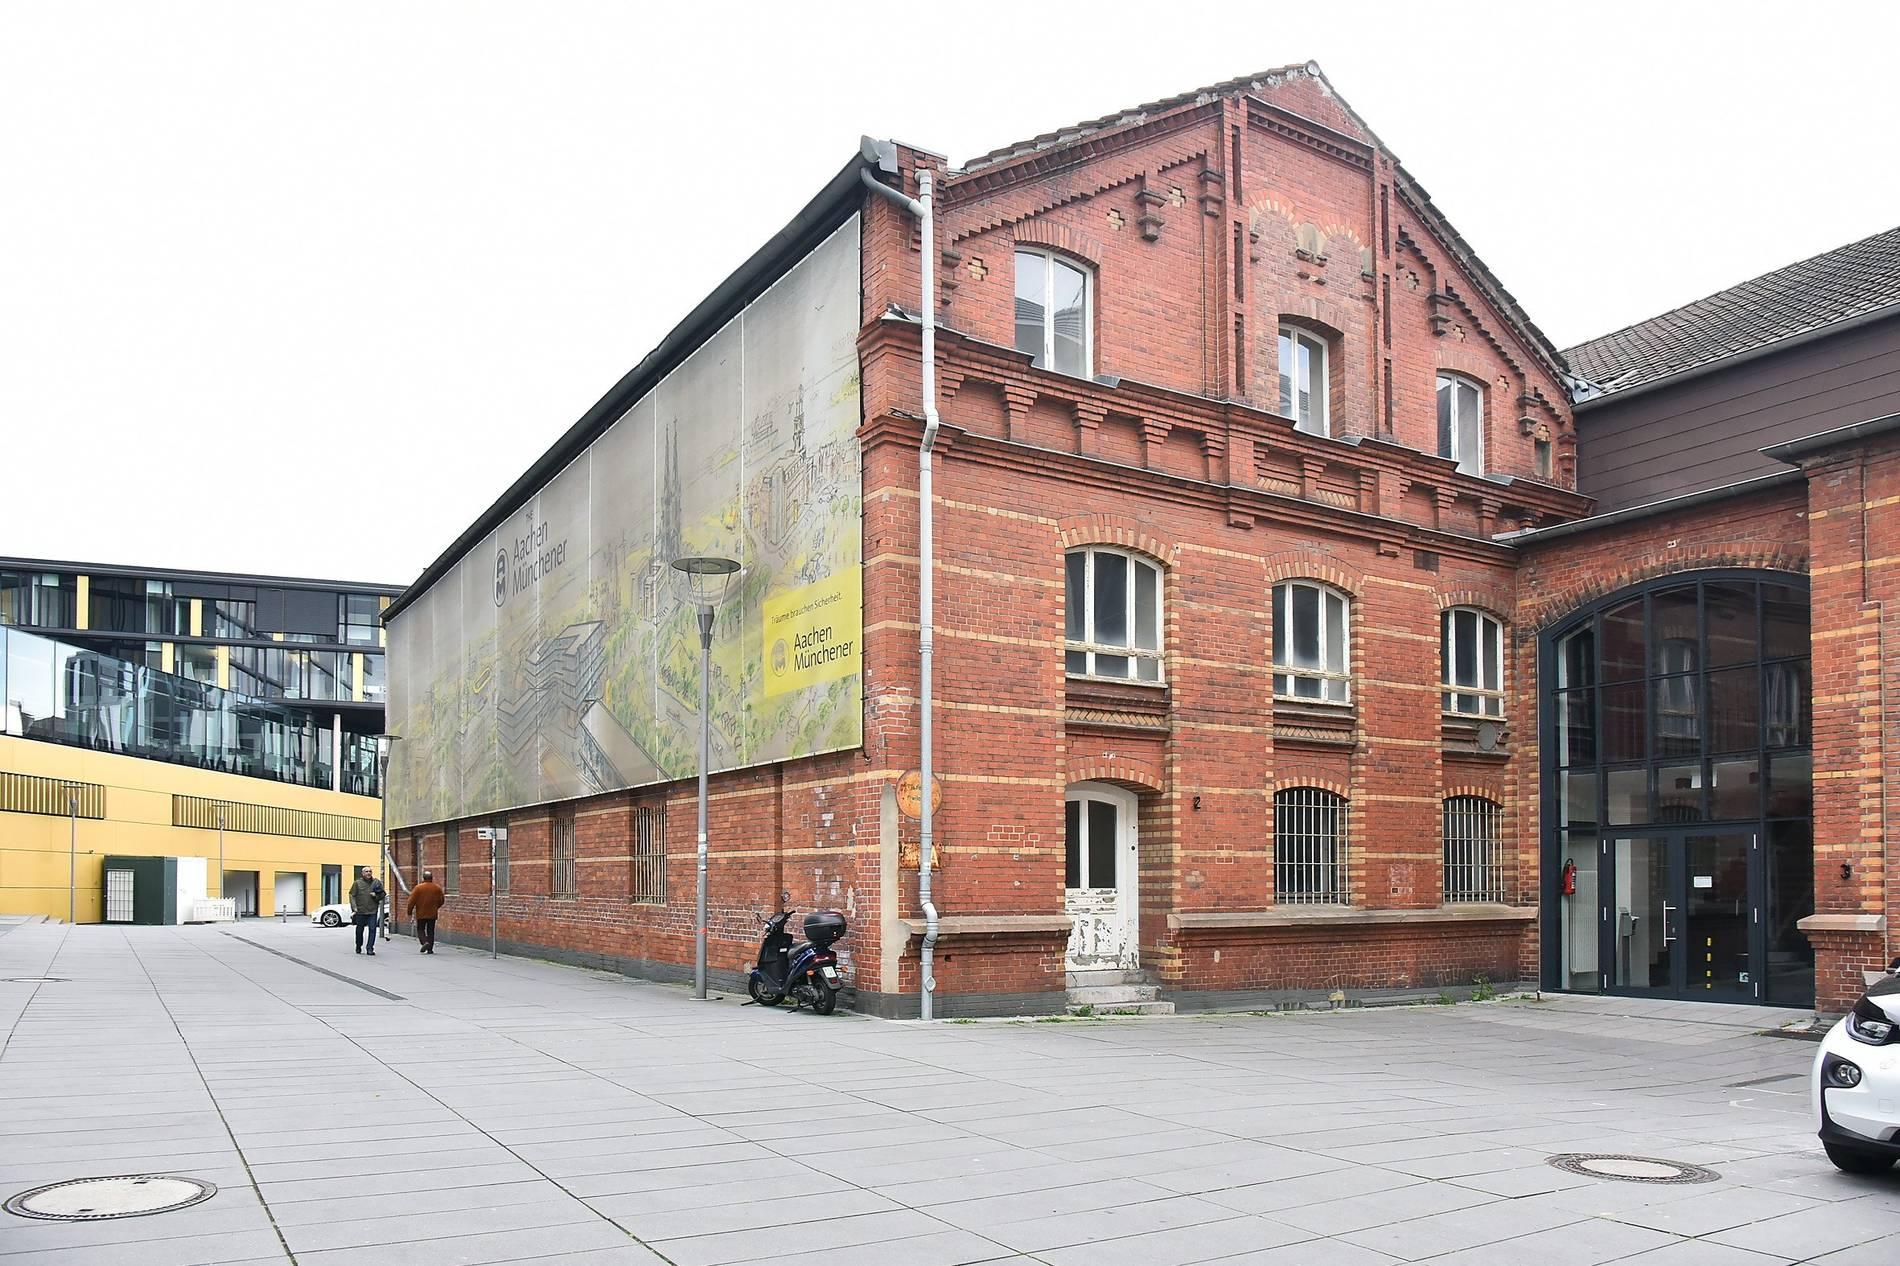 Aachen Nrw Stiftung Fördert Herrichtung Des Historischen Gebäudes